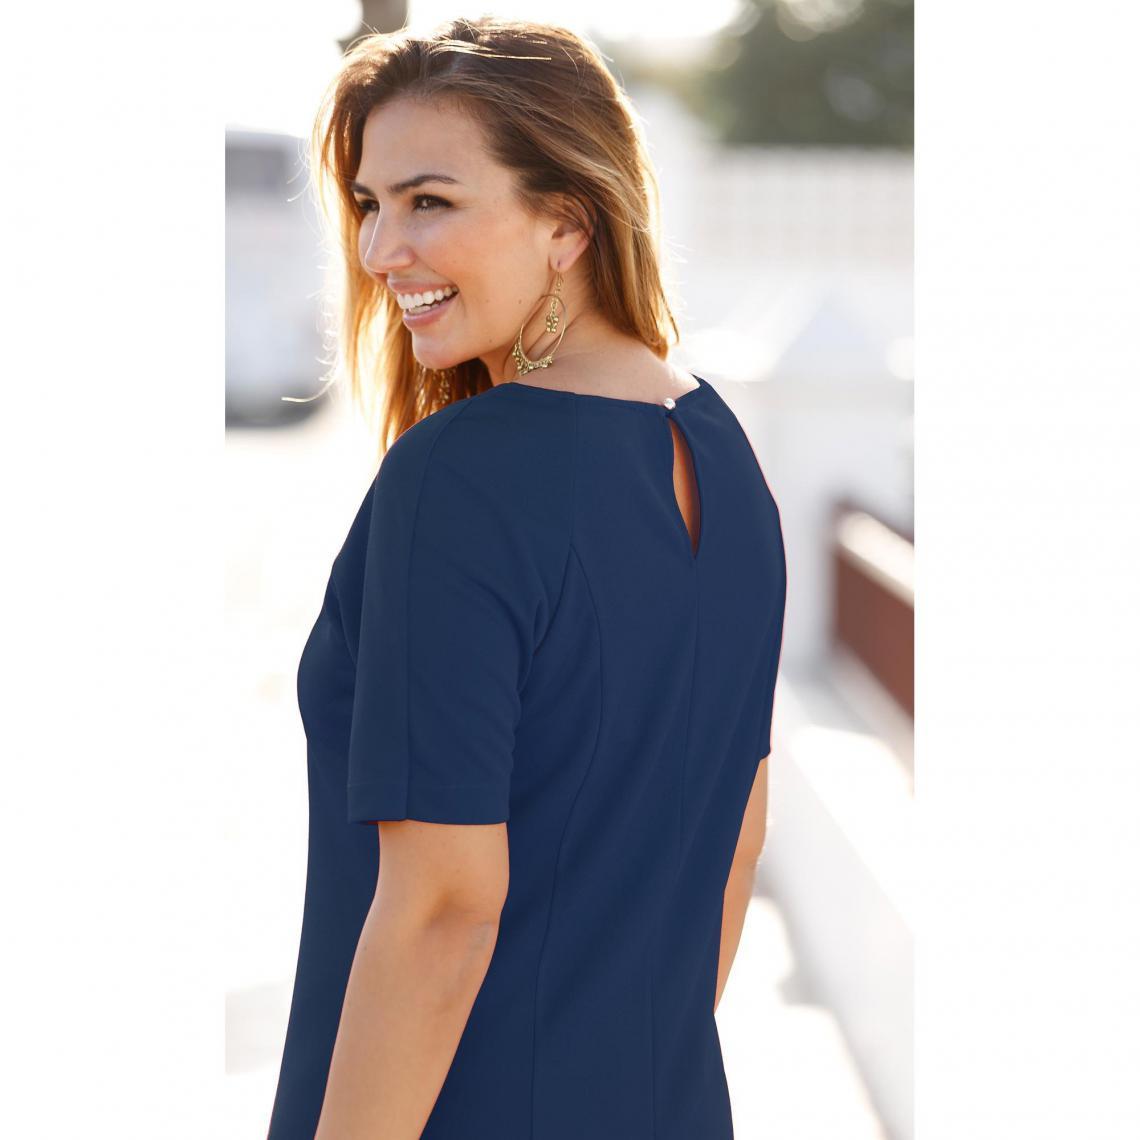 f56948f882 Robe courte 3 SUISSES Cliquez l'image pour l'agrandir. Robe unie cintrée  évasée manches aux coudes femme ...